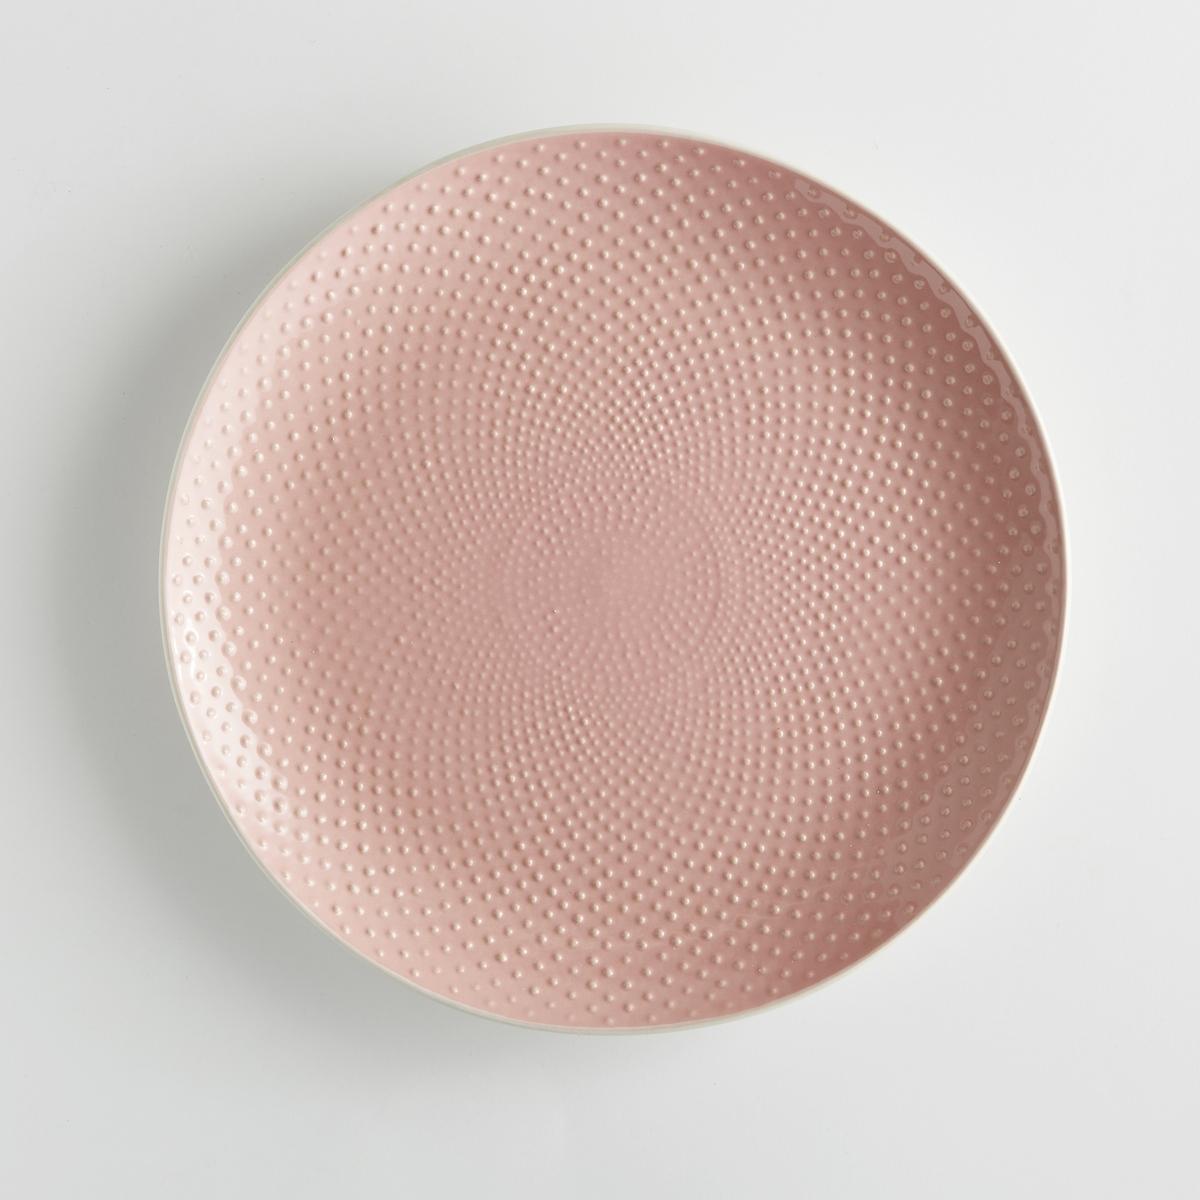 4 тарелки плоские с рисунком в крапинку Arsenia4 тарелки плоские с рисунком в крапинку  Arsenia . Завтрак, обед или ужин, La Redoute Int?rieurs Вас приглашает к столу. Характеристики 4 тарелок плоских с рисунком в крапинку  Arsenia :- Из керамики.- Диаметр 25 см  .- Можно использовать в посудомоечных машинах и микроволновых печах.Десертные, глубокие тарелки и чашка Arsenia продаются на нашем сайте .<br><br>Цвет: белый,розовый,серо-синий